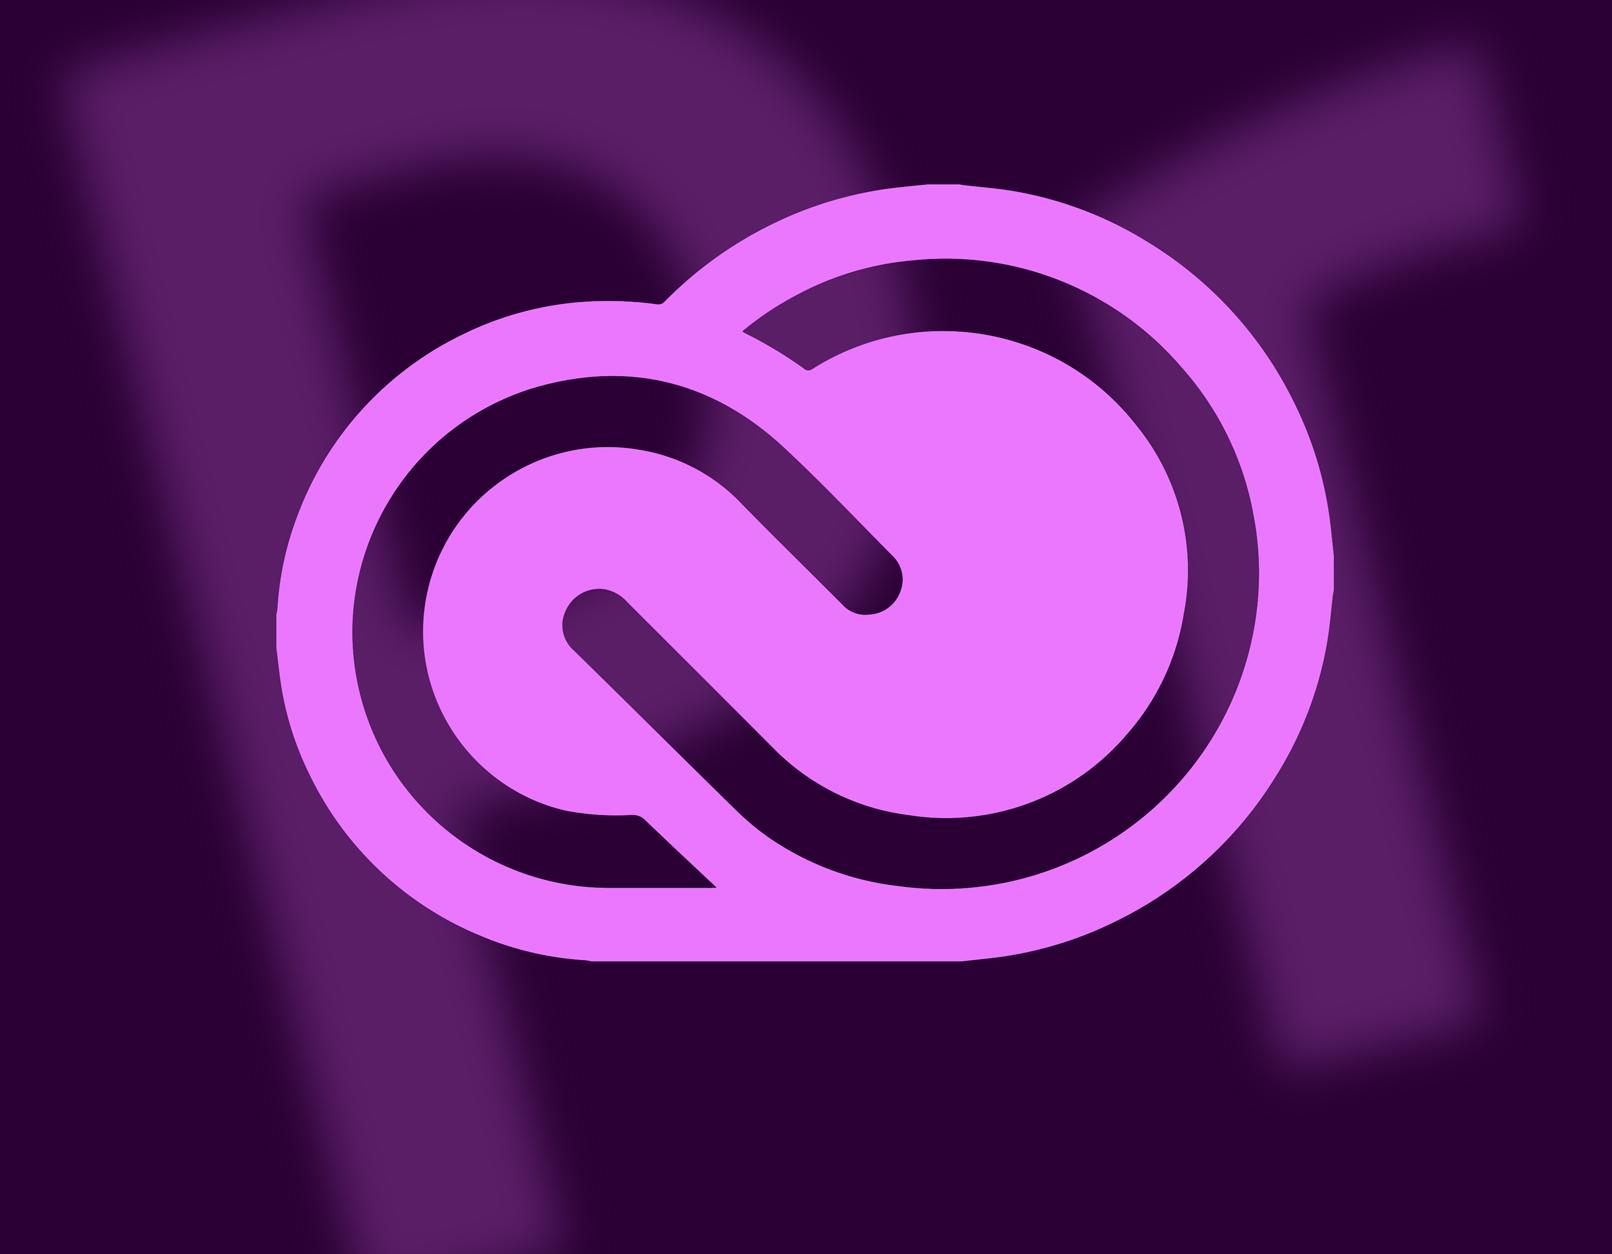 Logo Premiere Pro CC